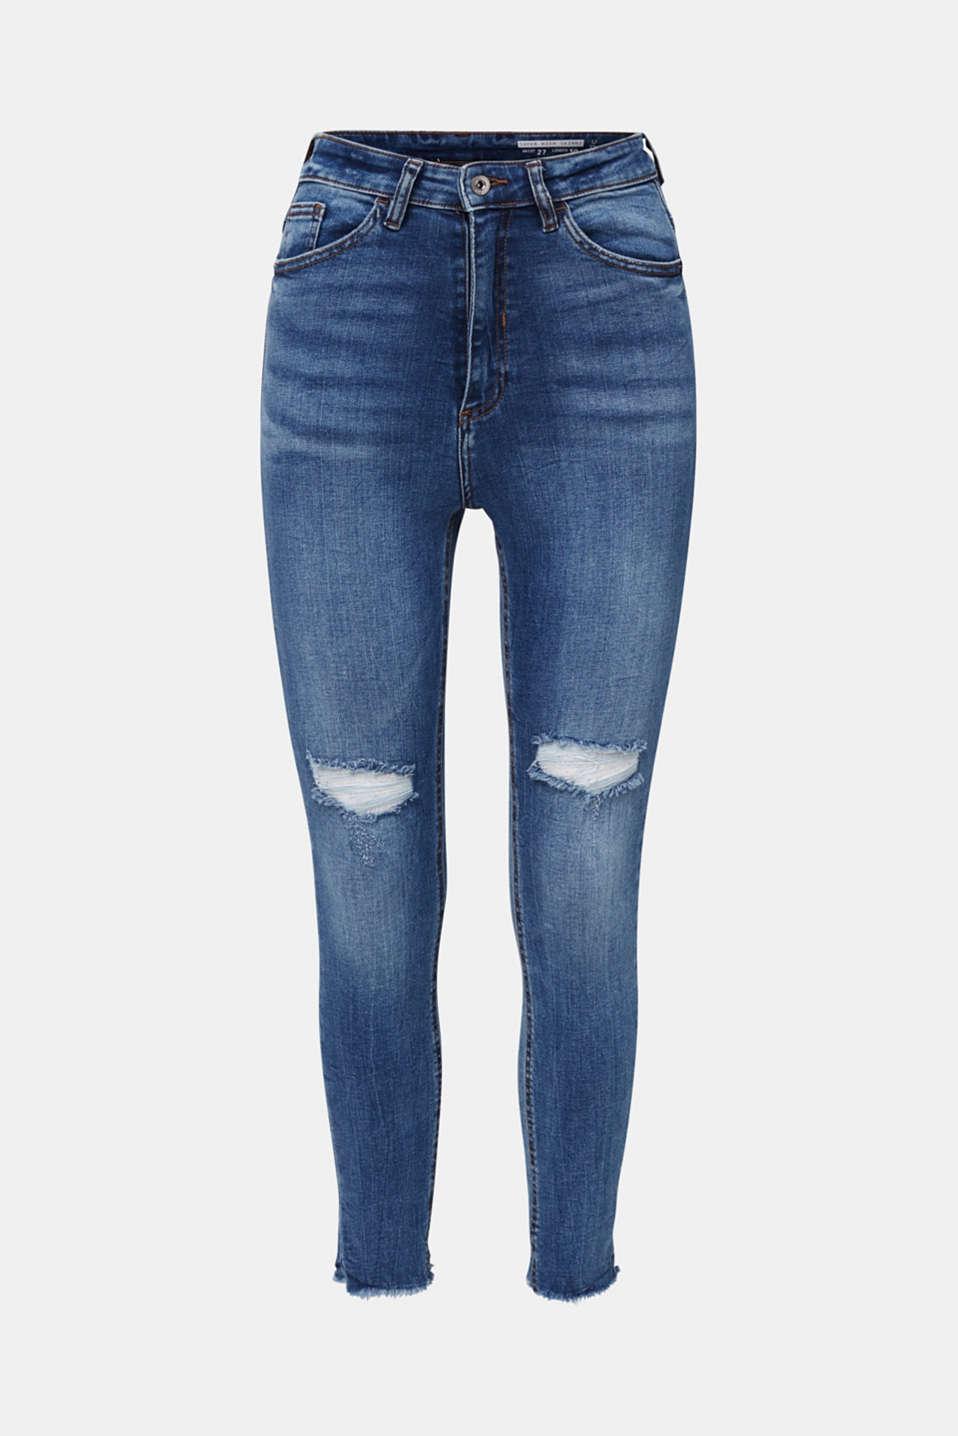 Ankle-length vintage jeans with frayed hems, BLUE MEDIUM WASH, detail image number 7